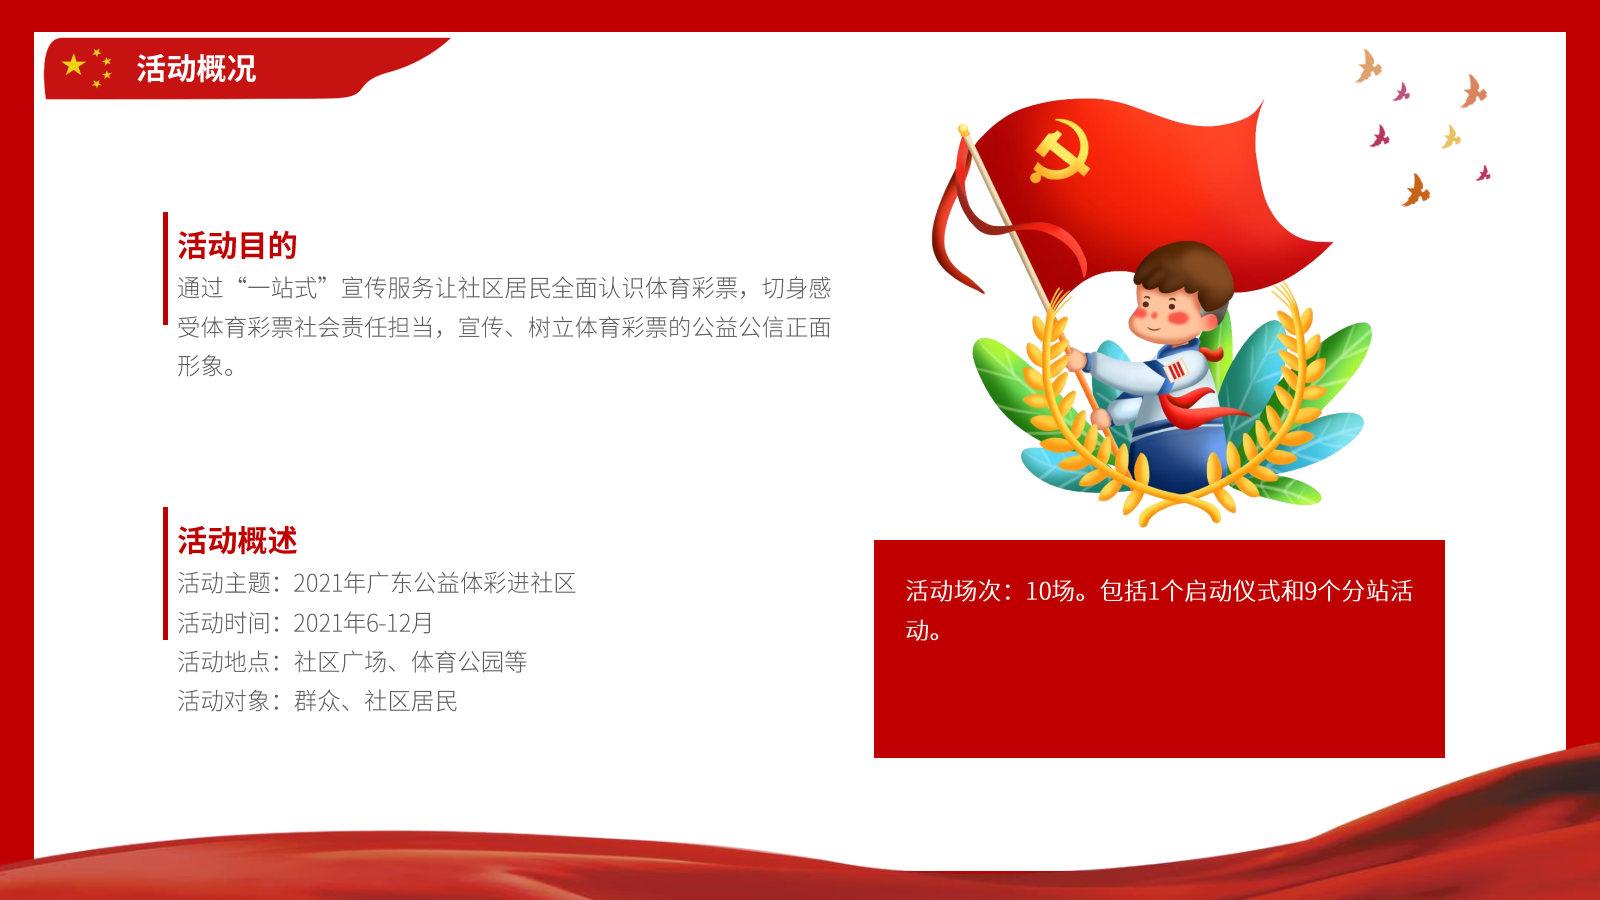 2021年广东公益体彩进社区(珠海站)活动策划方案@众暖策划_Page4.jpg